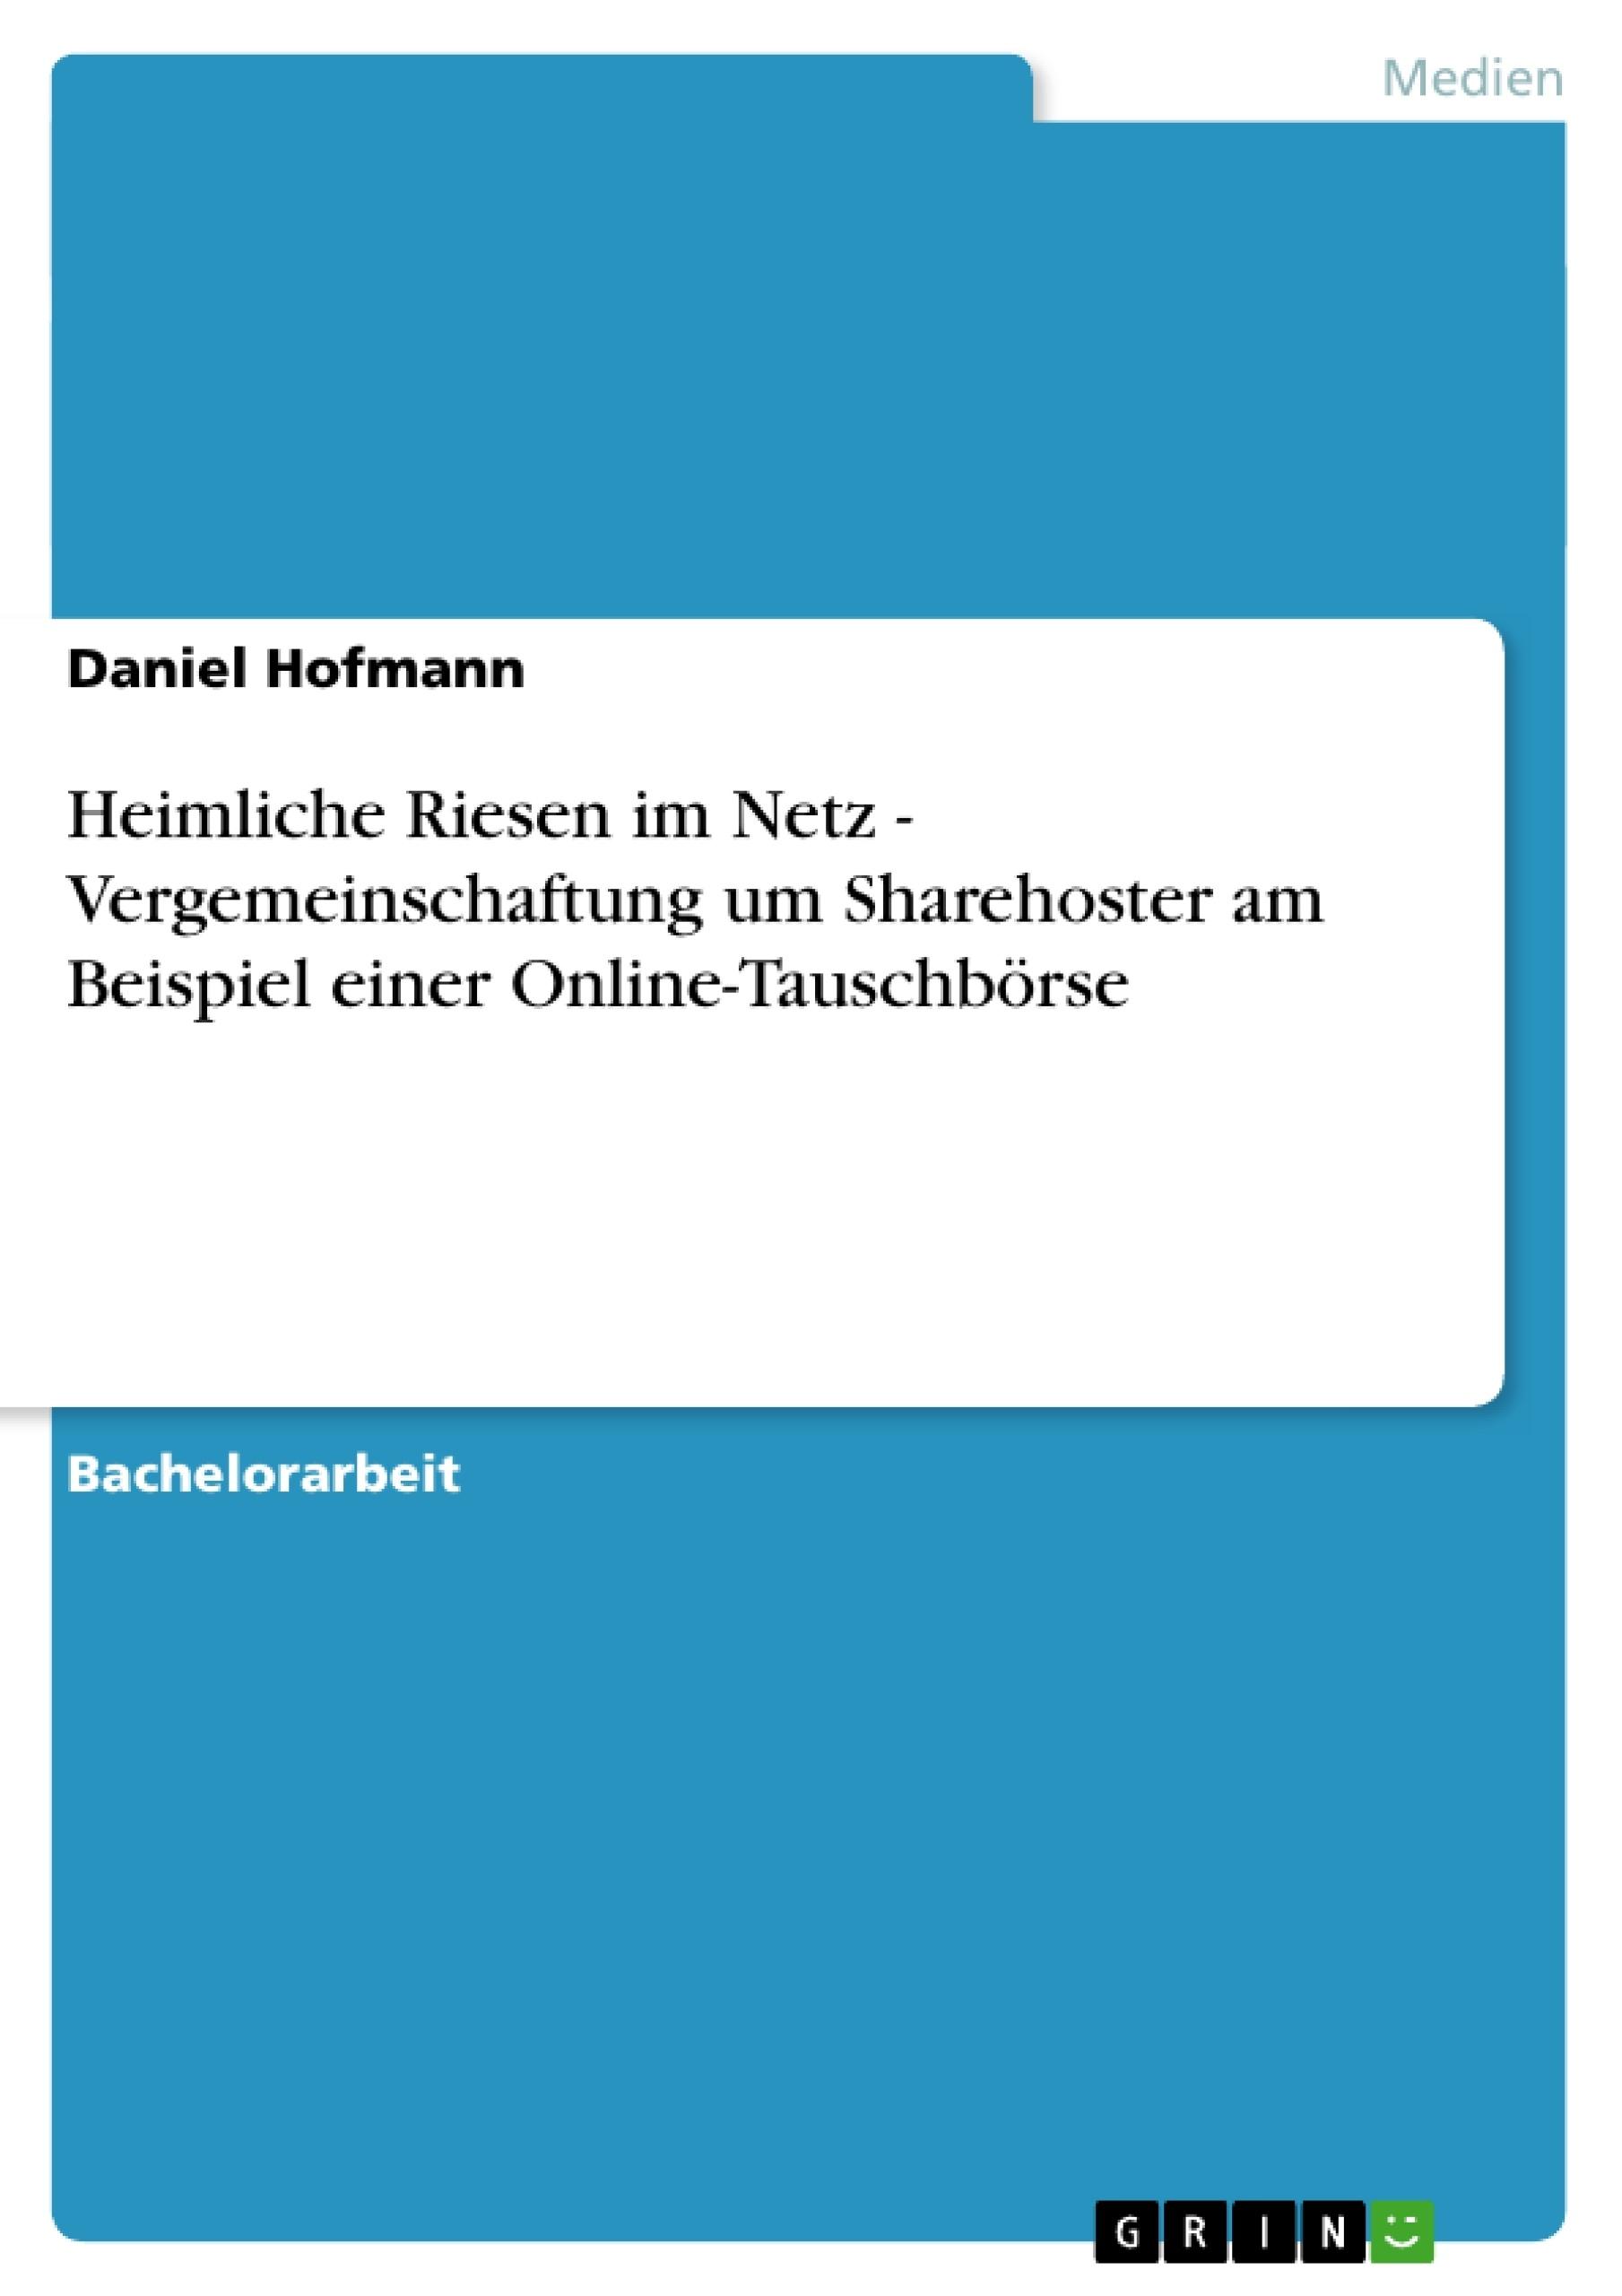 Titel: Heimliche Riesen im Netz - Vergemeinschaftung um Sharehoster am Beispiel einer Online-Tauschbörse